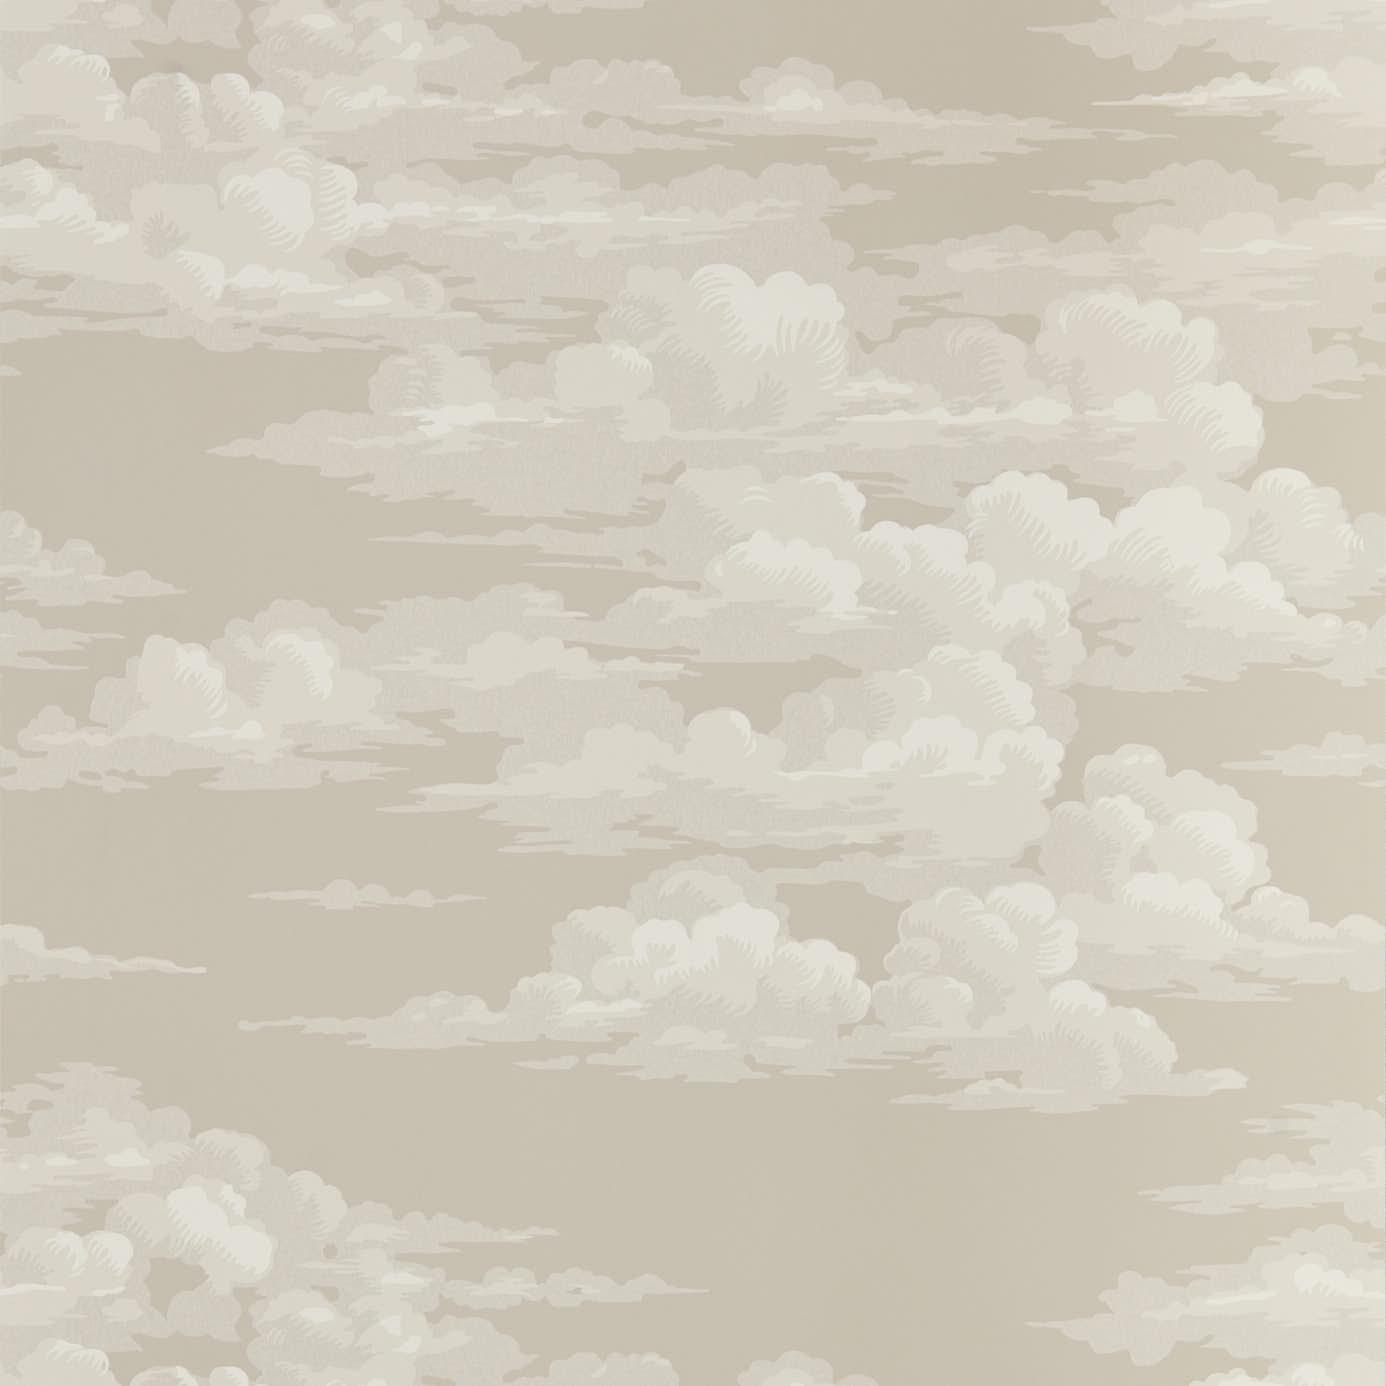 ОБОИ SANDERSON ELYSIAN арт. 216600